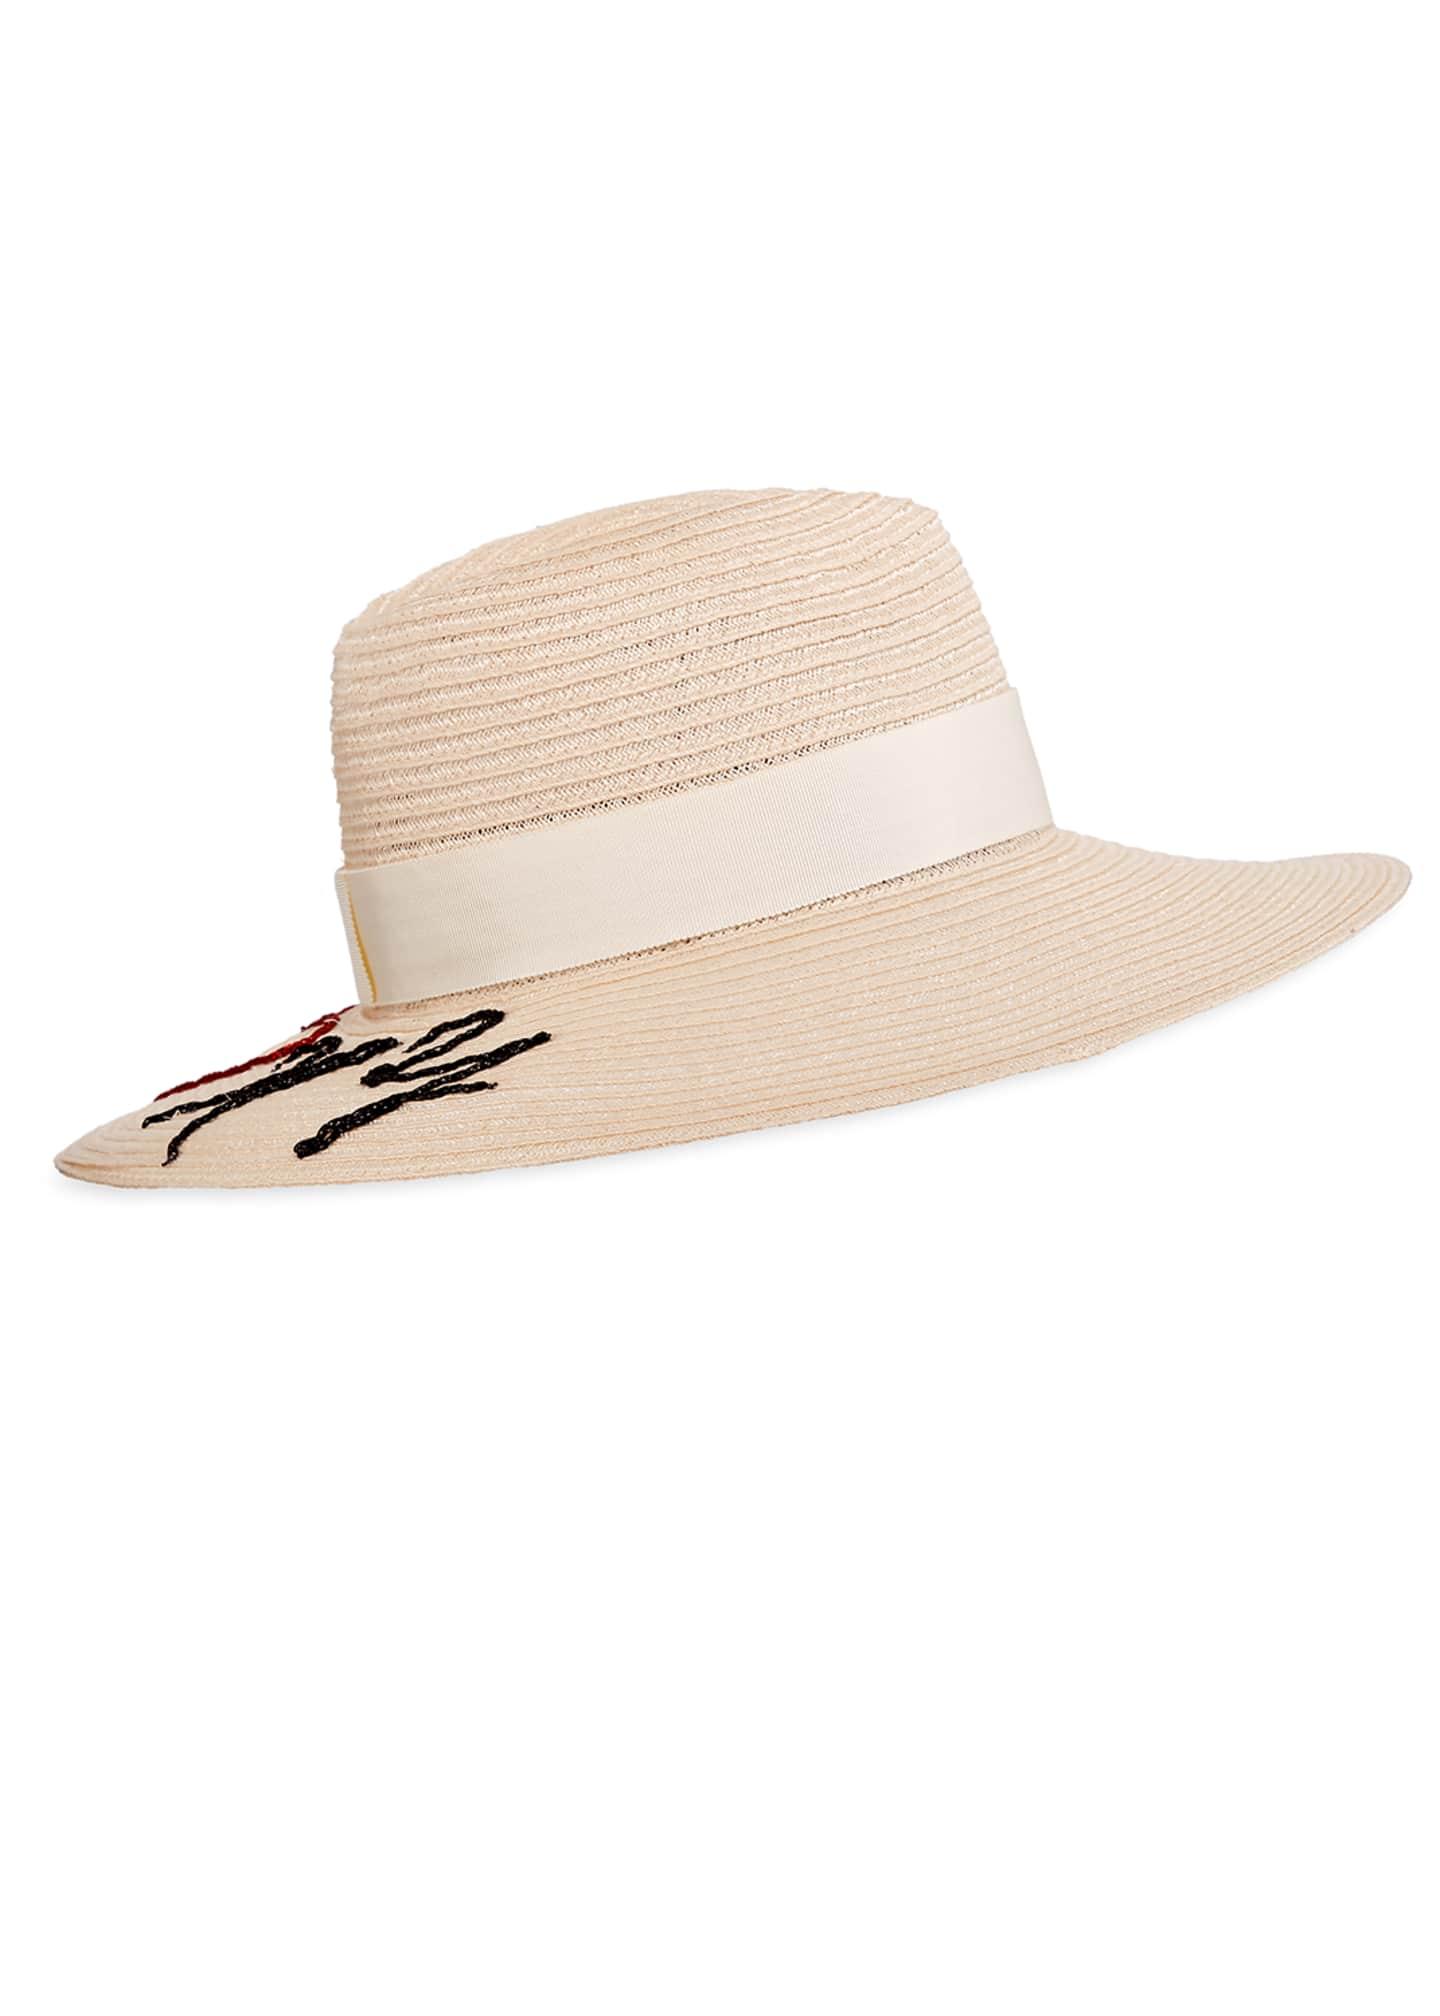 Eugenia Kim Emmanuelle I Heart NY Sun Hat